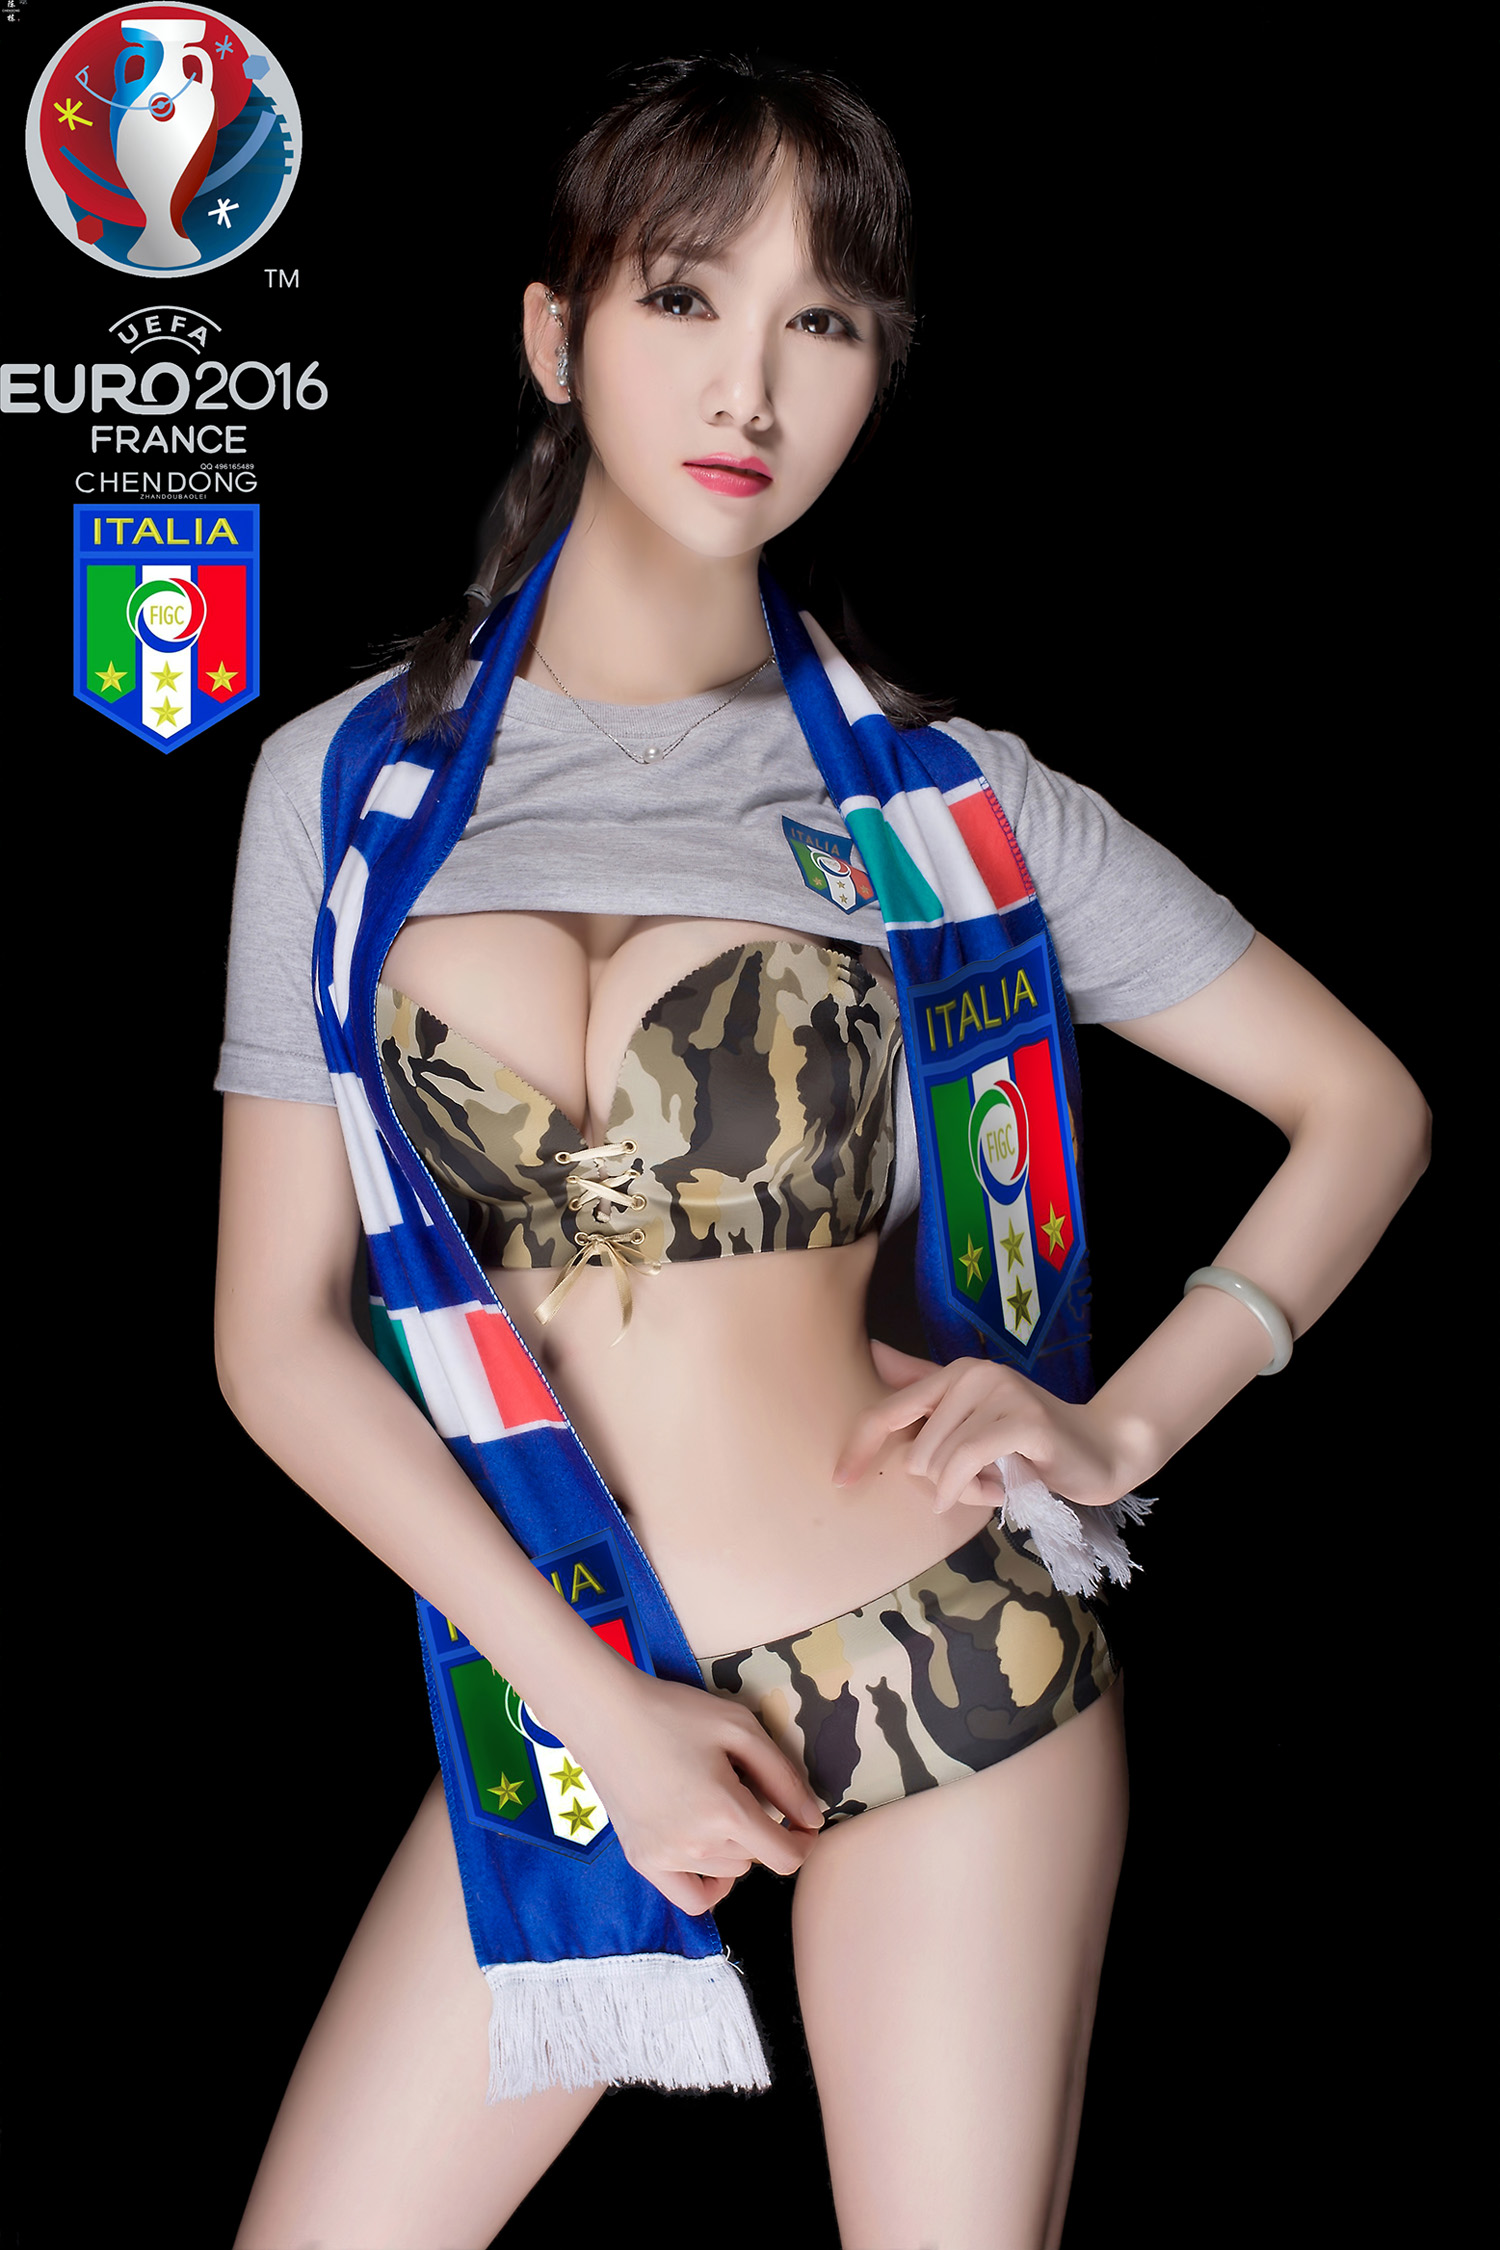 欧洲杯足球宝贝 - 花開有聲 - 花開有聲